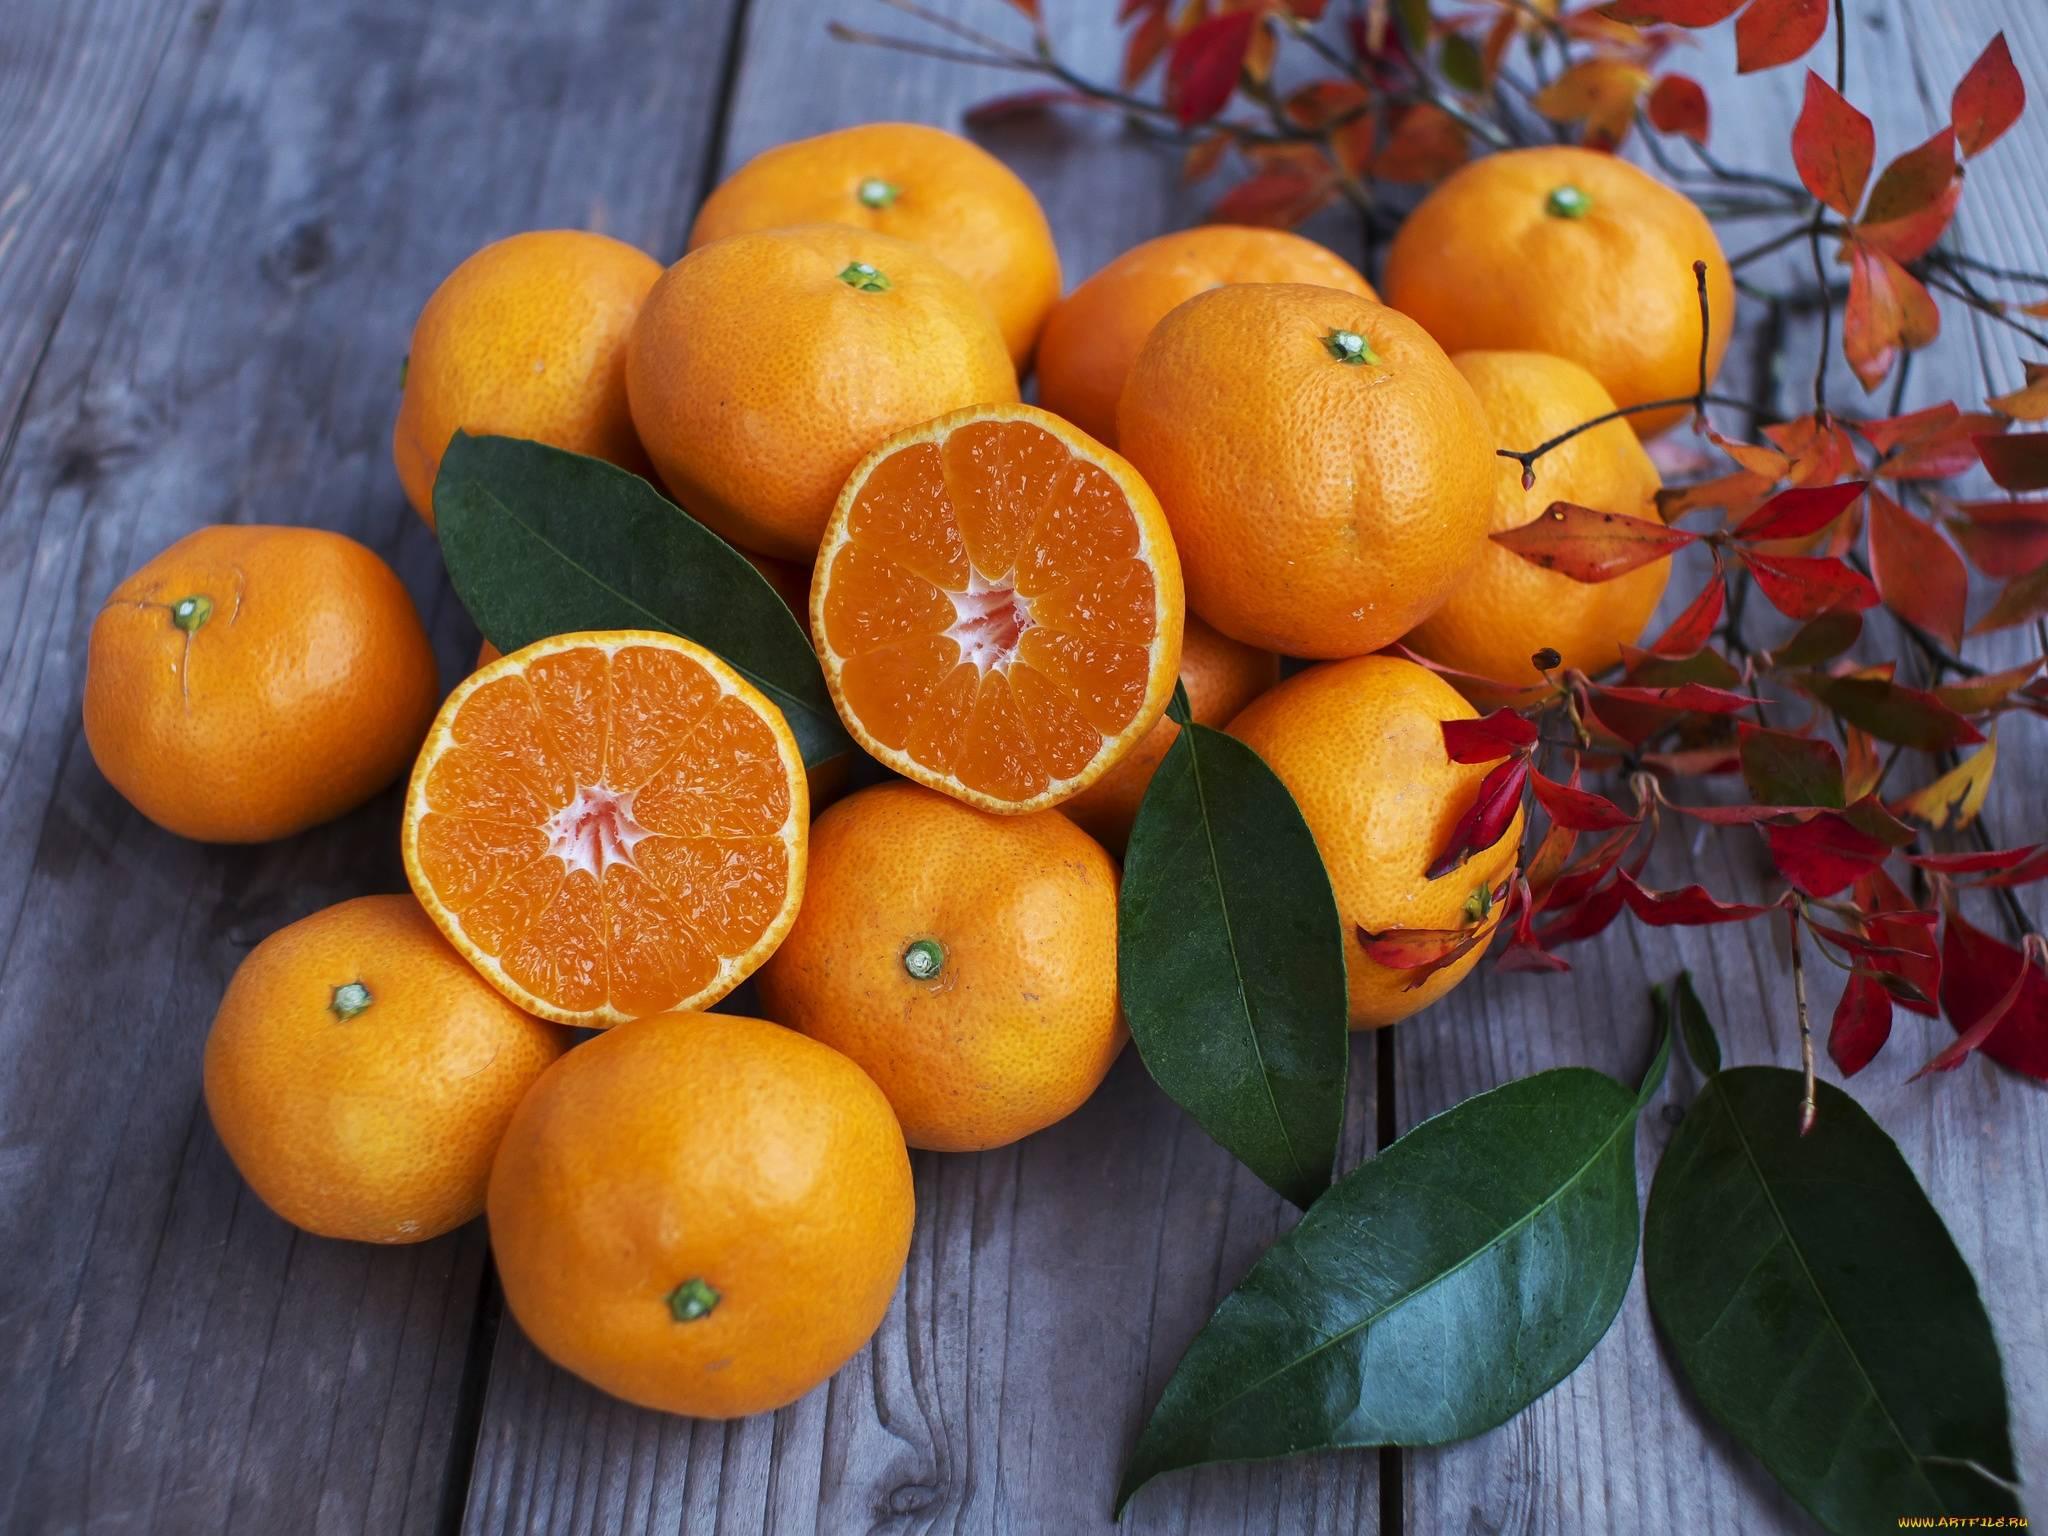 Зеленый апельсин: как называется